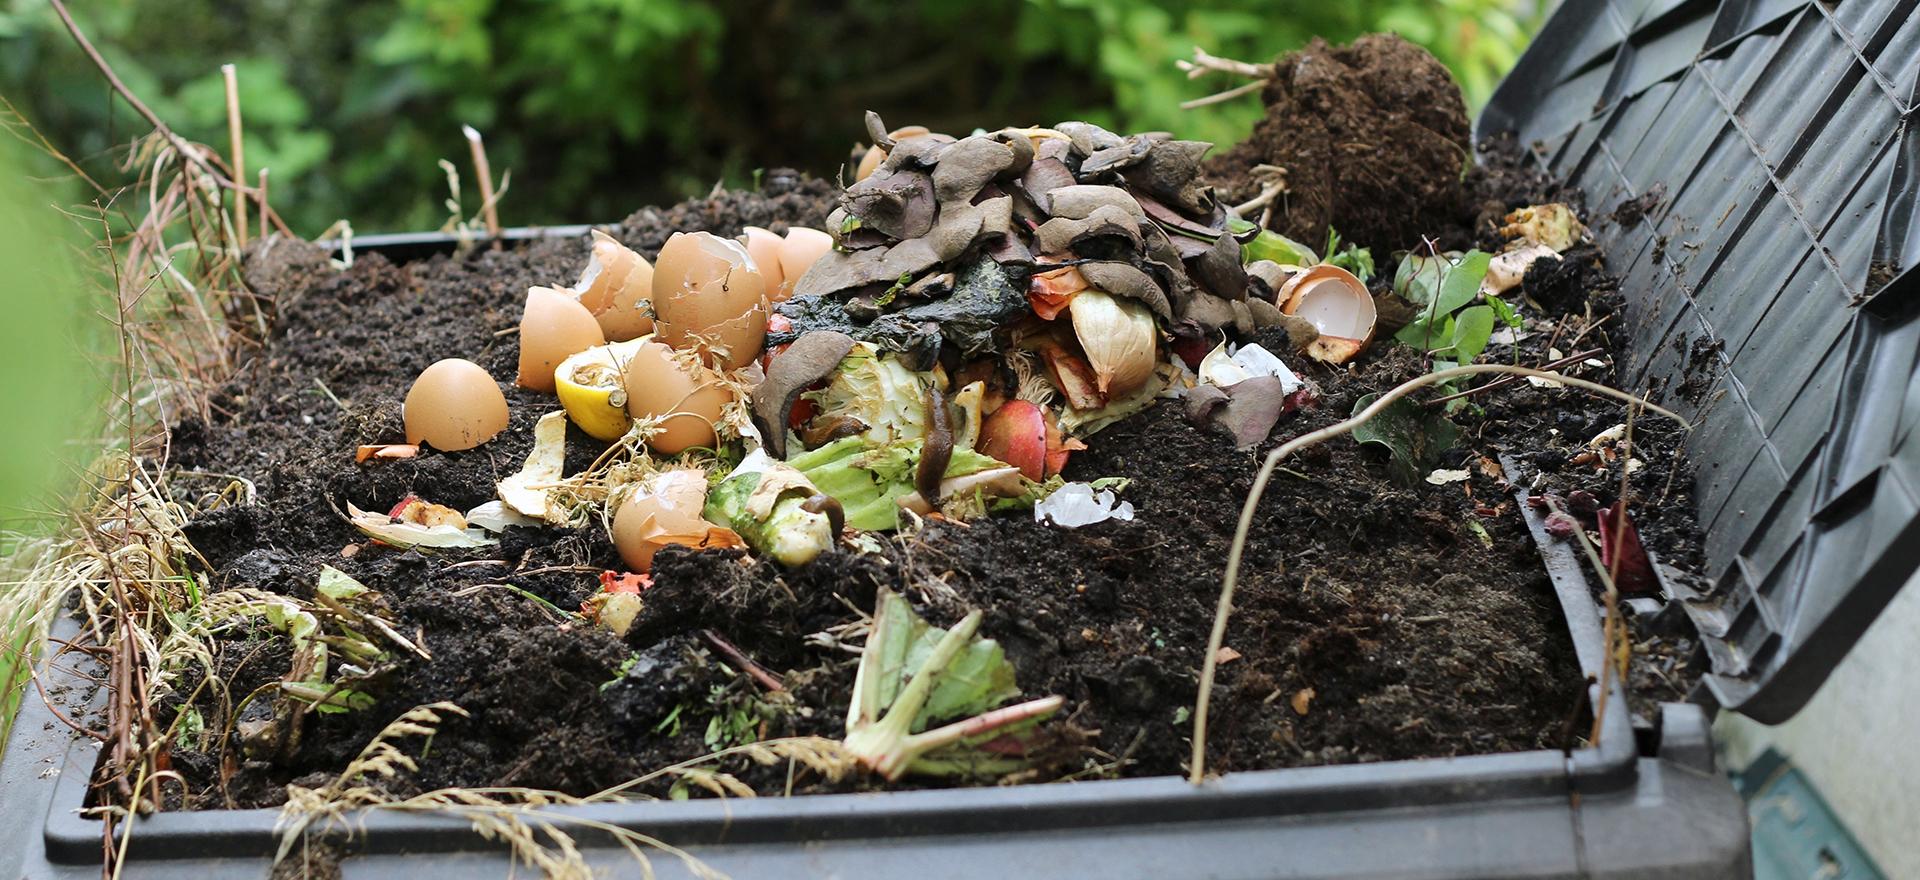 Vos questions repondues pour les matières organiques de la Ville de Rosemère